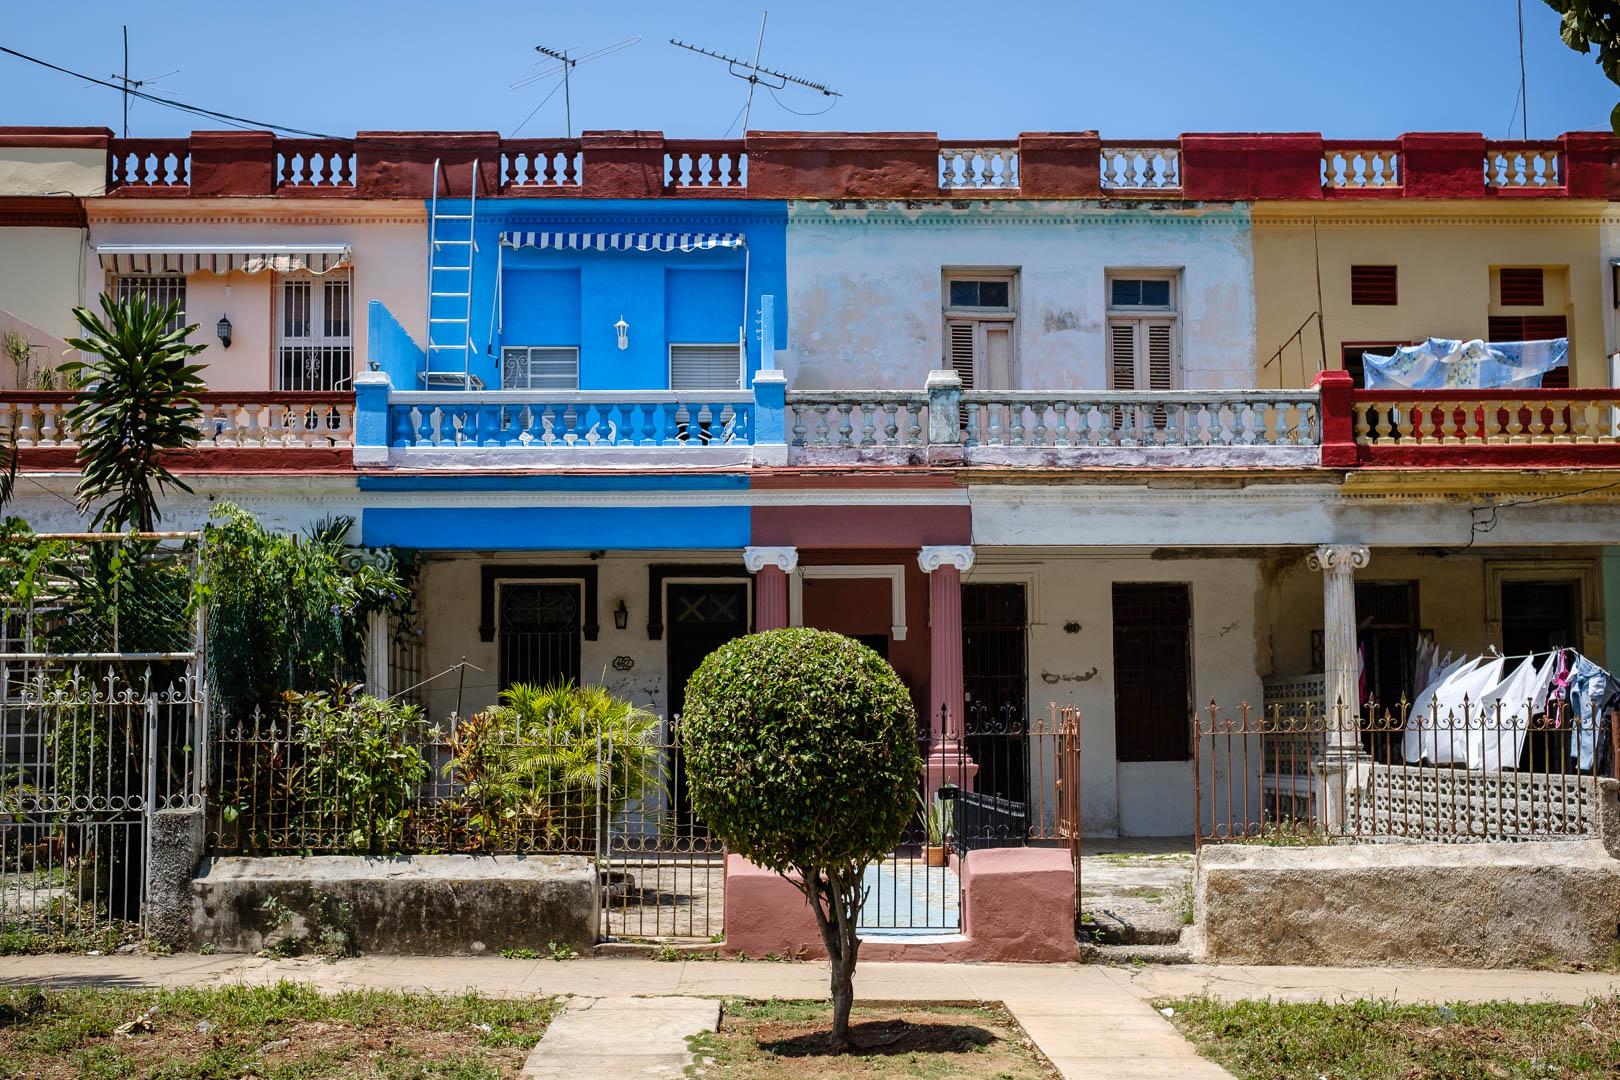 180501-Havana-135-1080.jpg